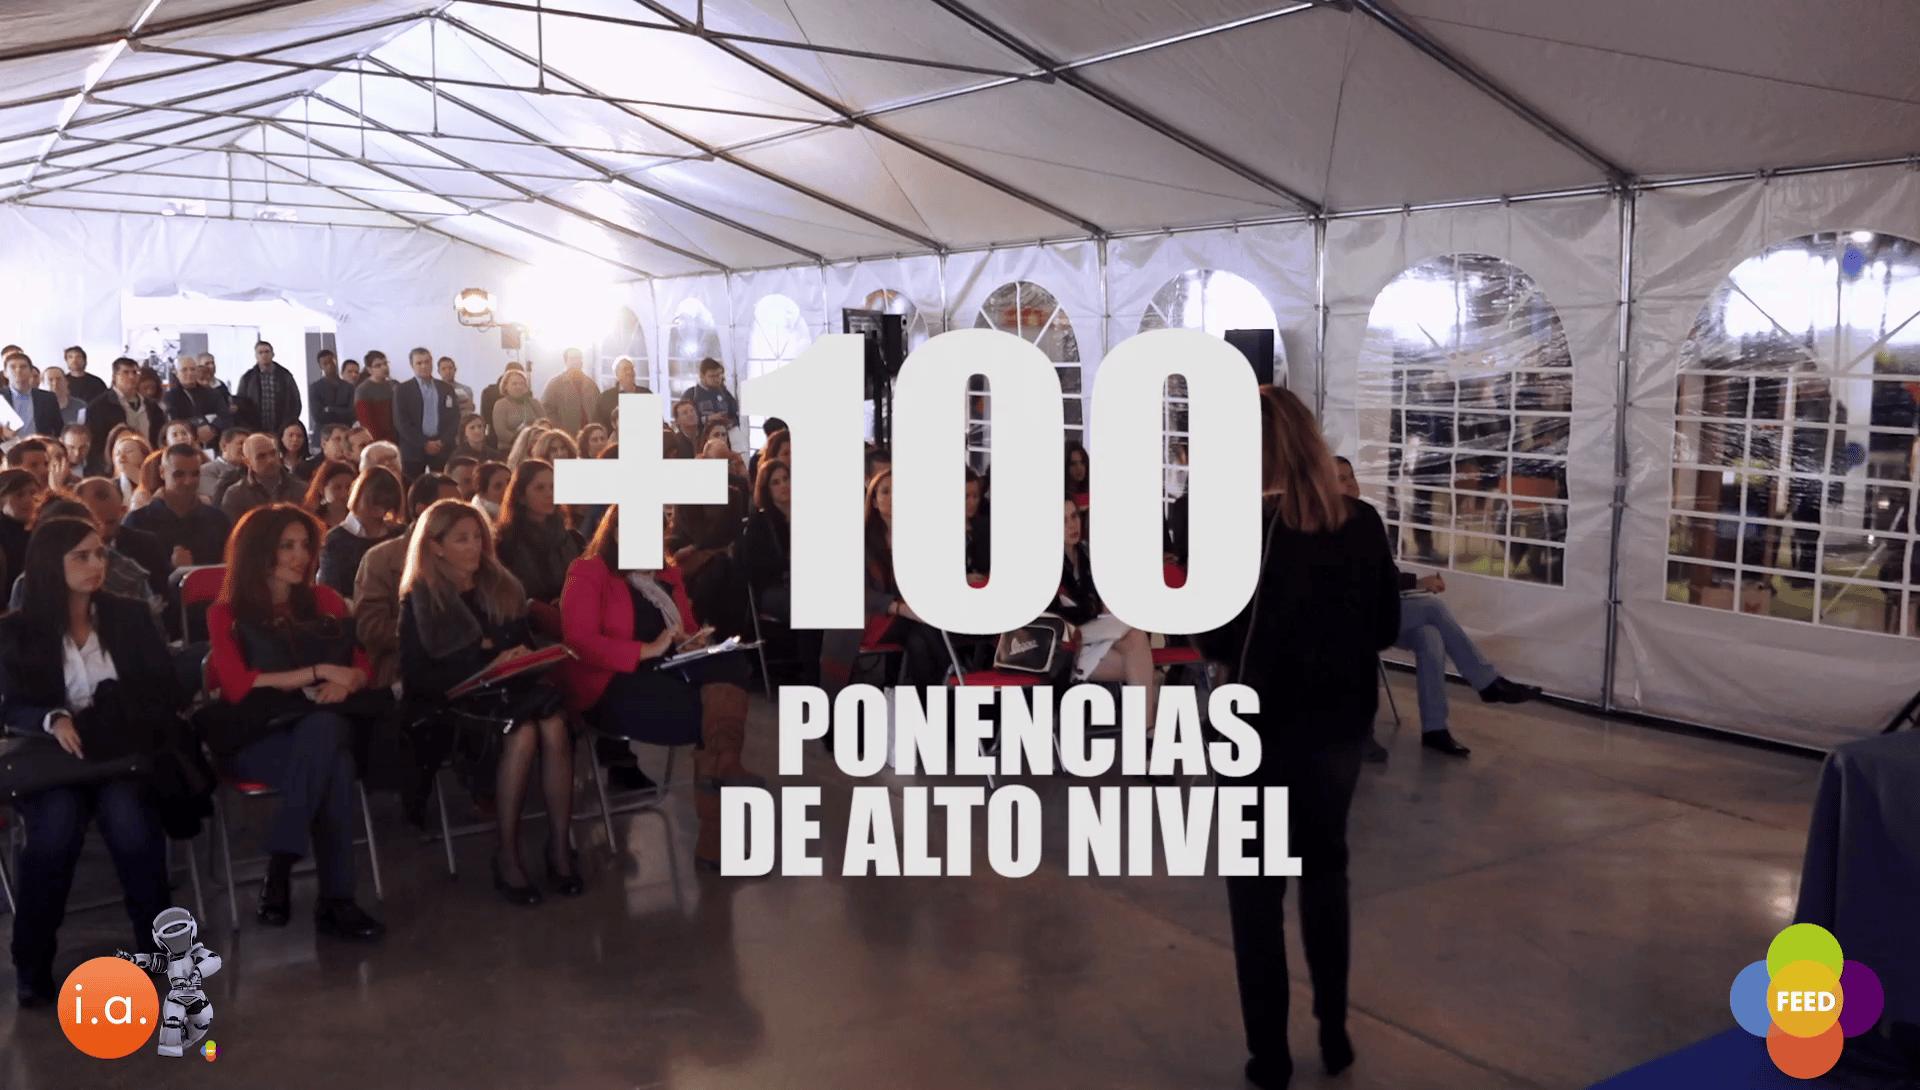 100 ponencias de alto nivel en FEEDIV - Foro del Empleo en la Era Digital